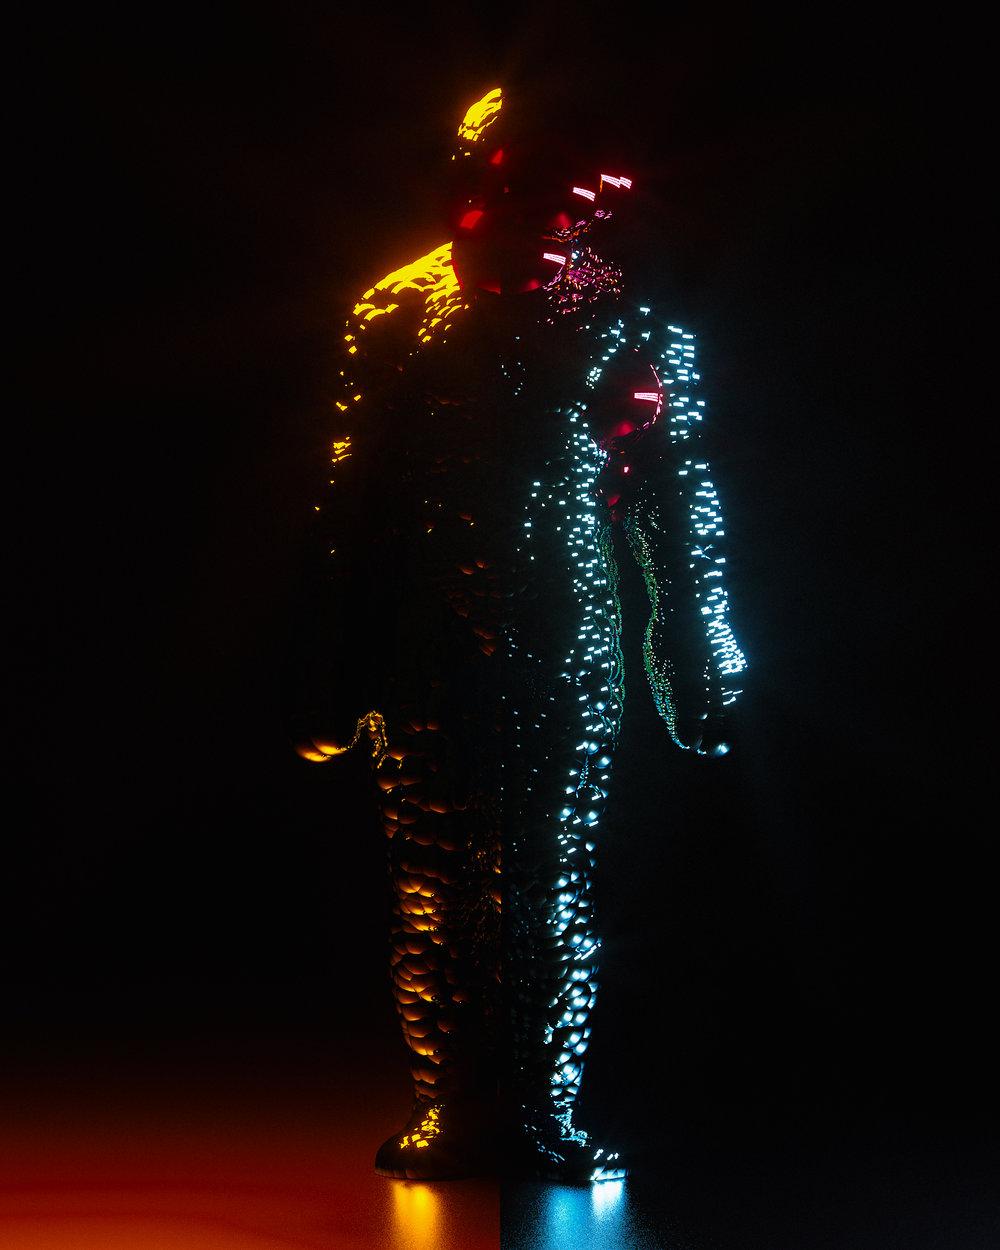 [10-11-17] - Thriller (Still).jpg